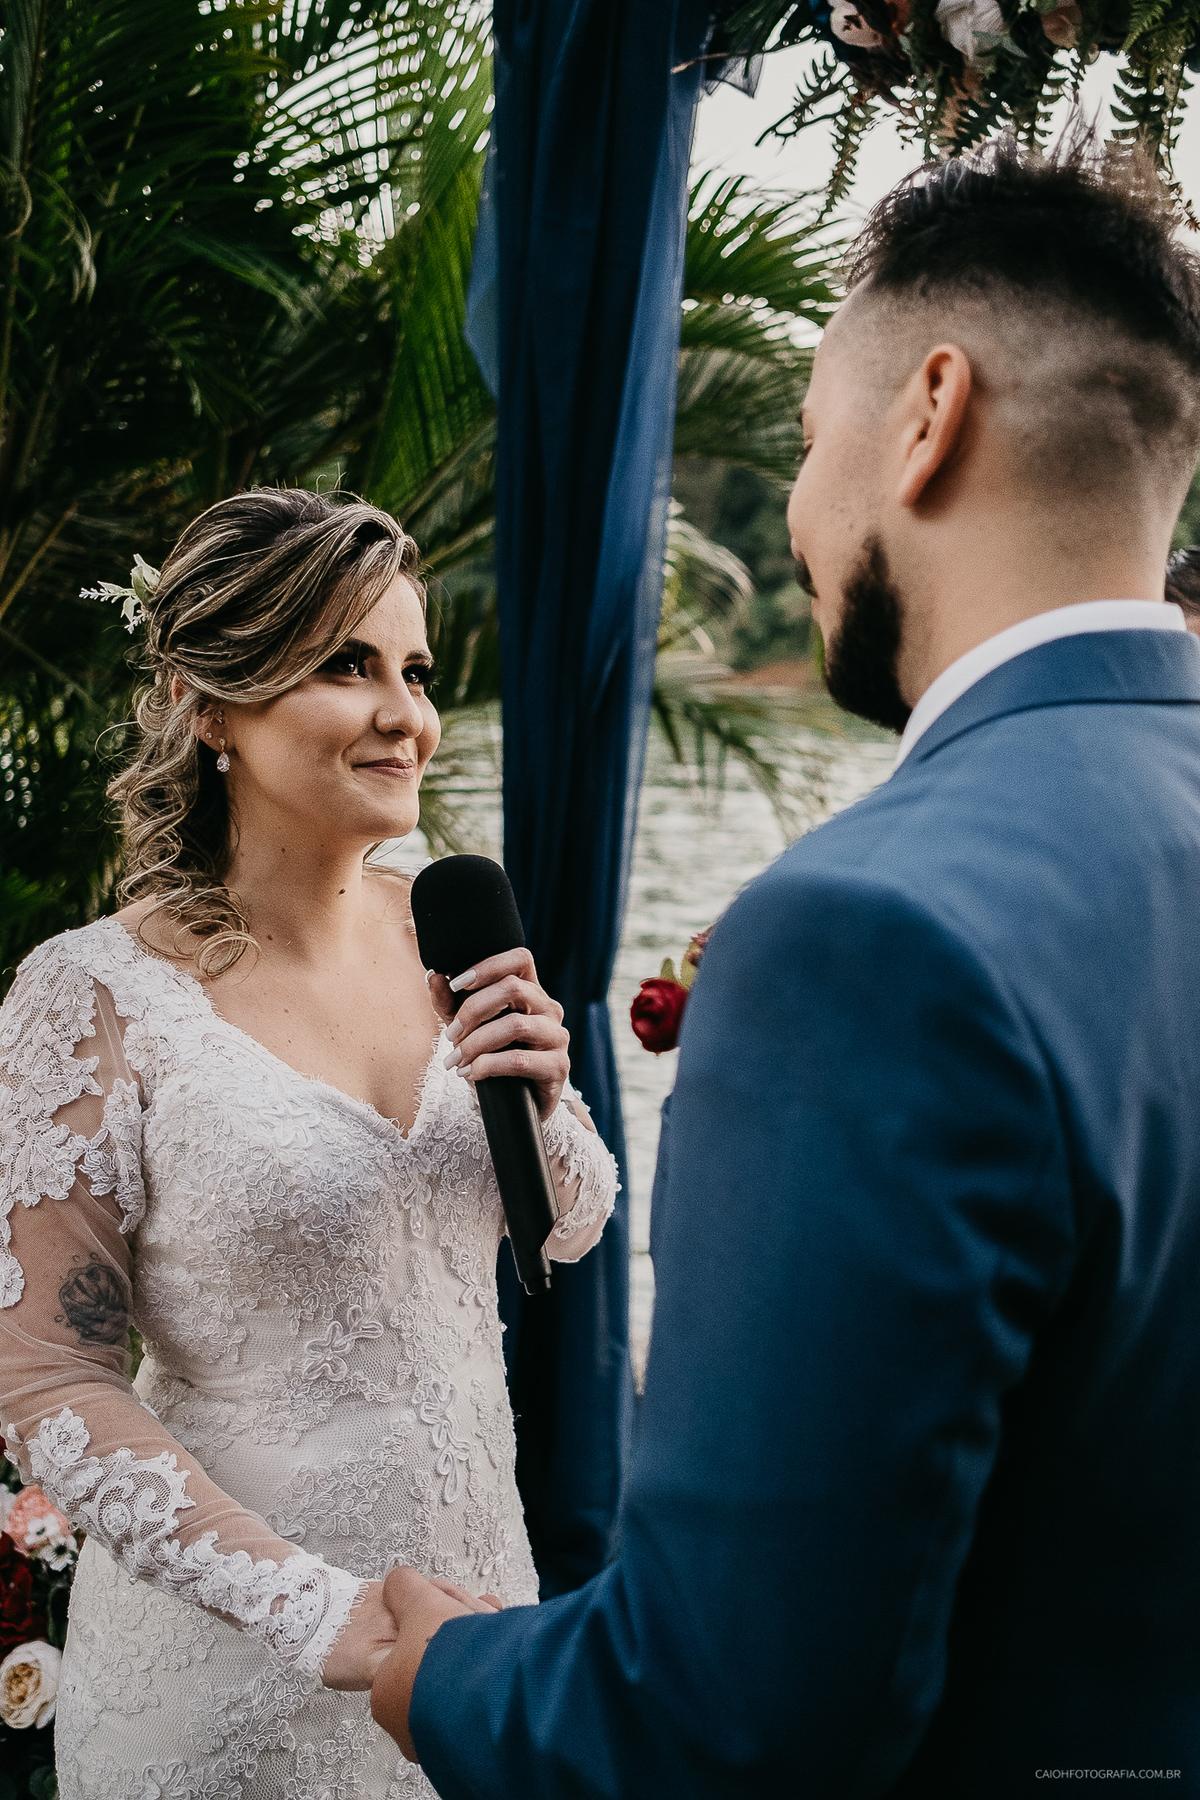 os votos do casal cerimonia com fotos casar no campo vestido de noiva decoracao de casamento votos da noiva